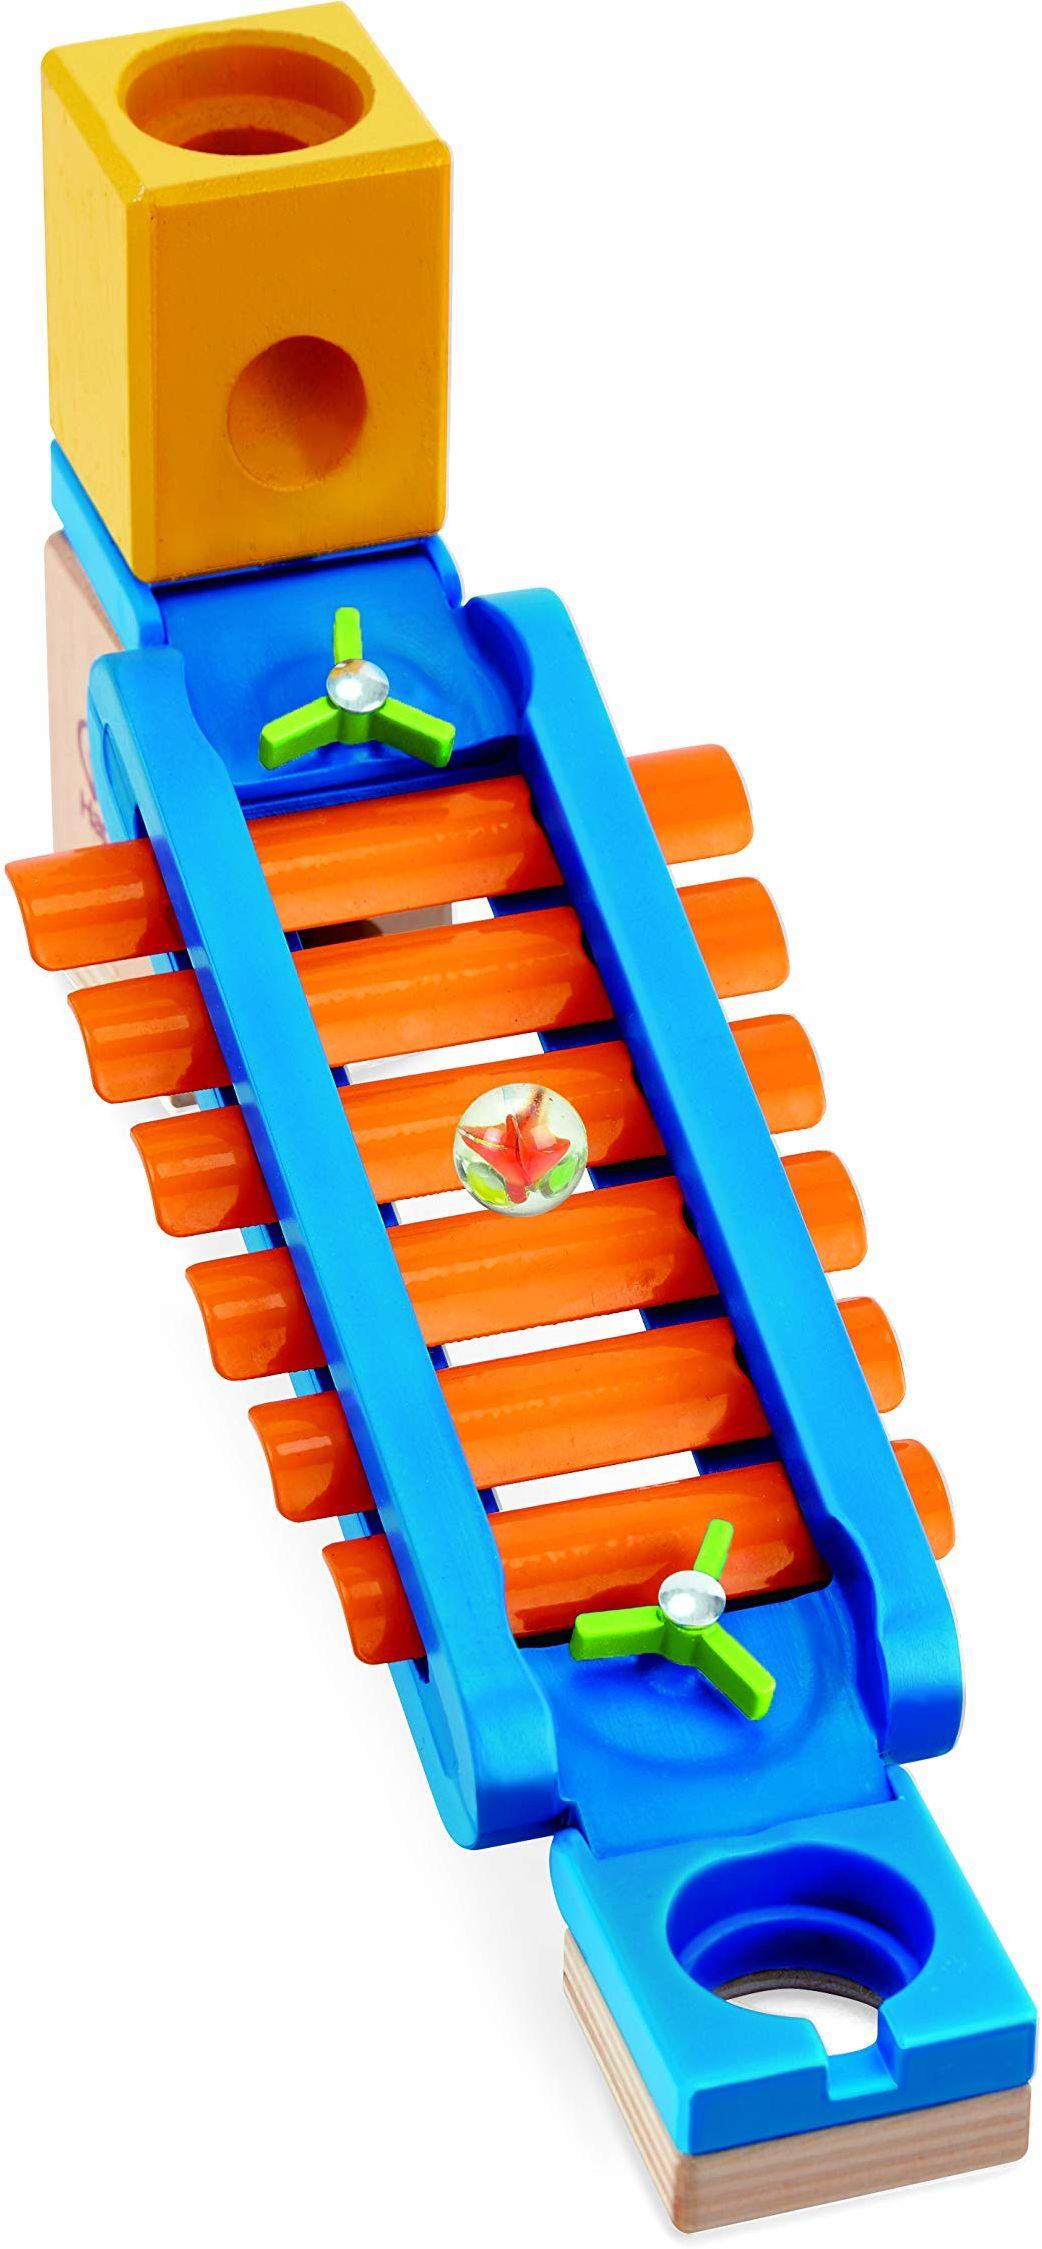 Hape E6022 Quadrilla Sonic Plac zabaw, drewniane marmurowe akcesoria do biegania - edukacyjne zabawki budowlane dla dzieci od 4 lat